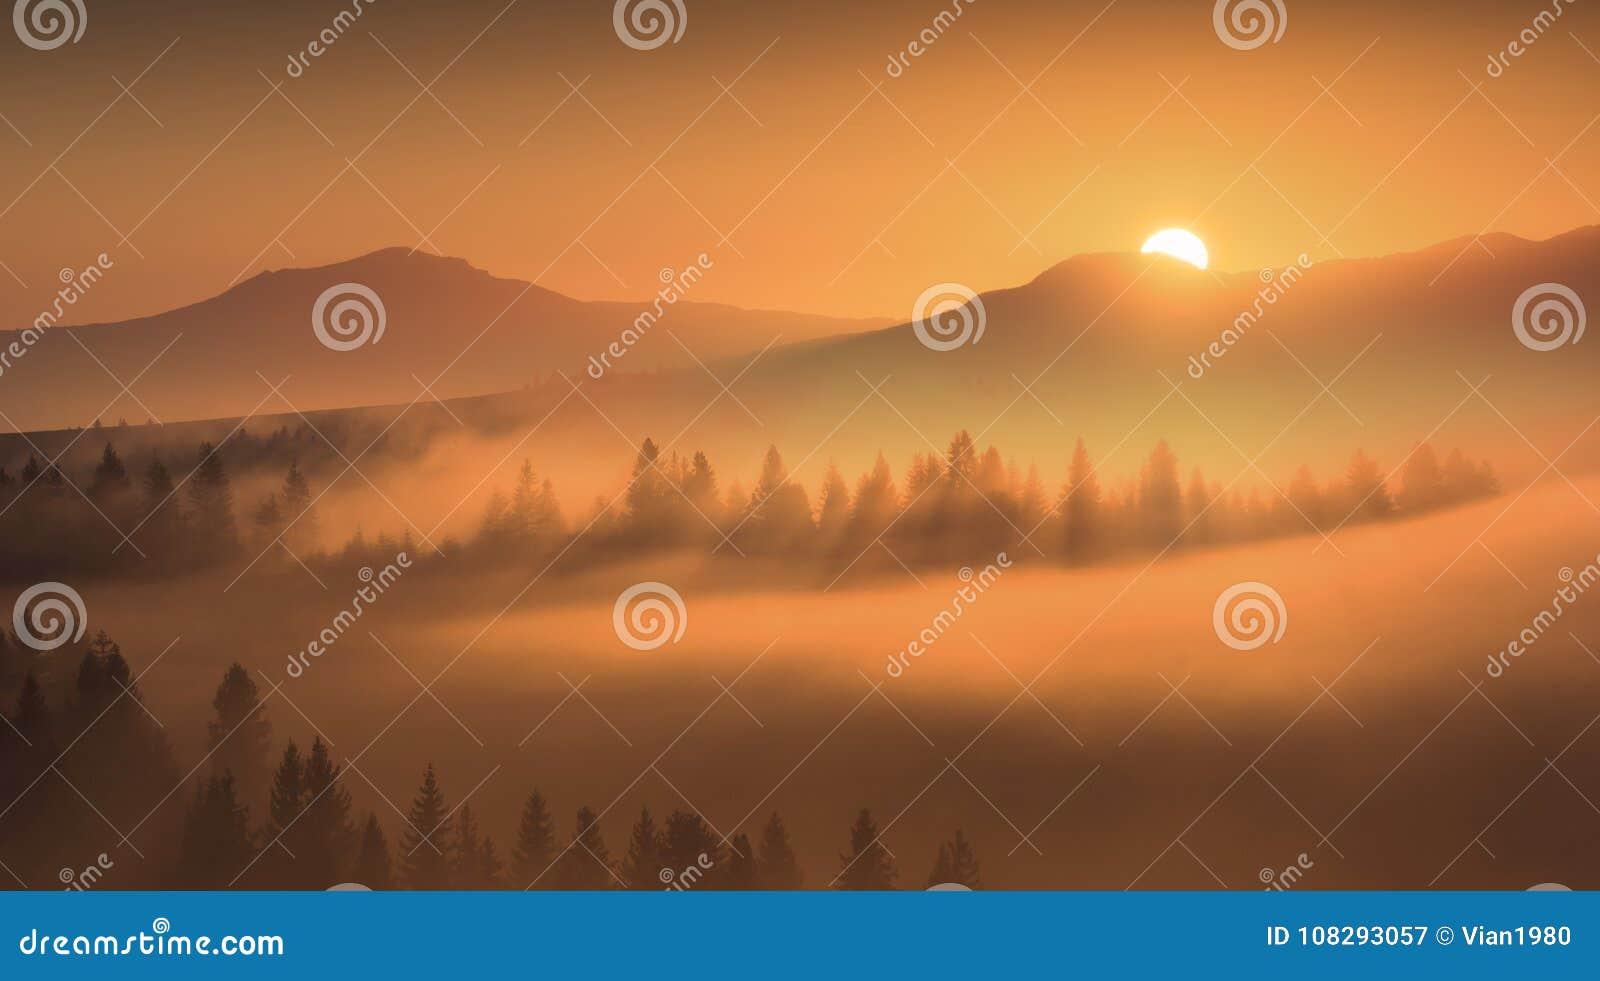 Первые золотые лучи восходящего солнца